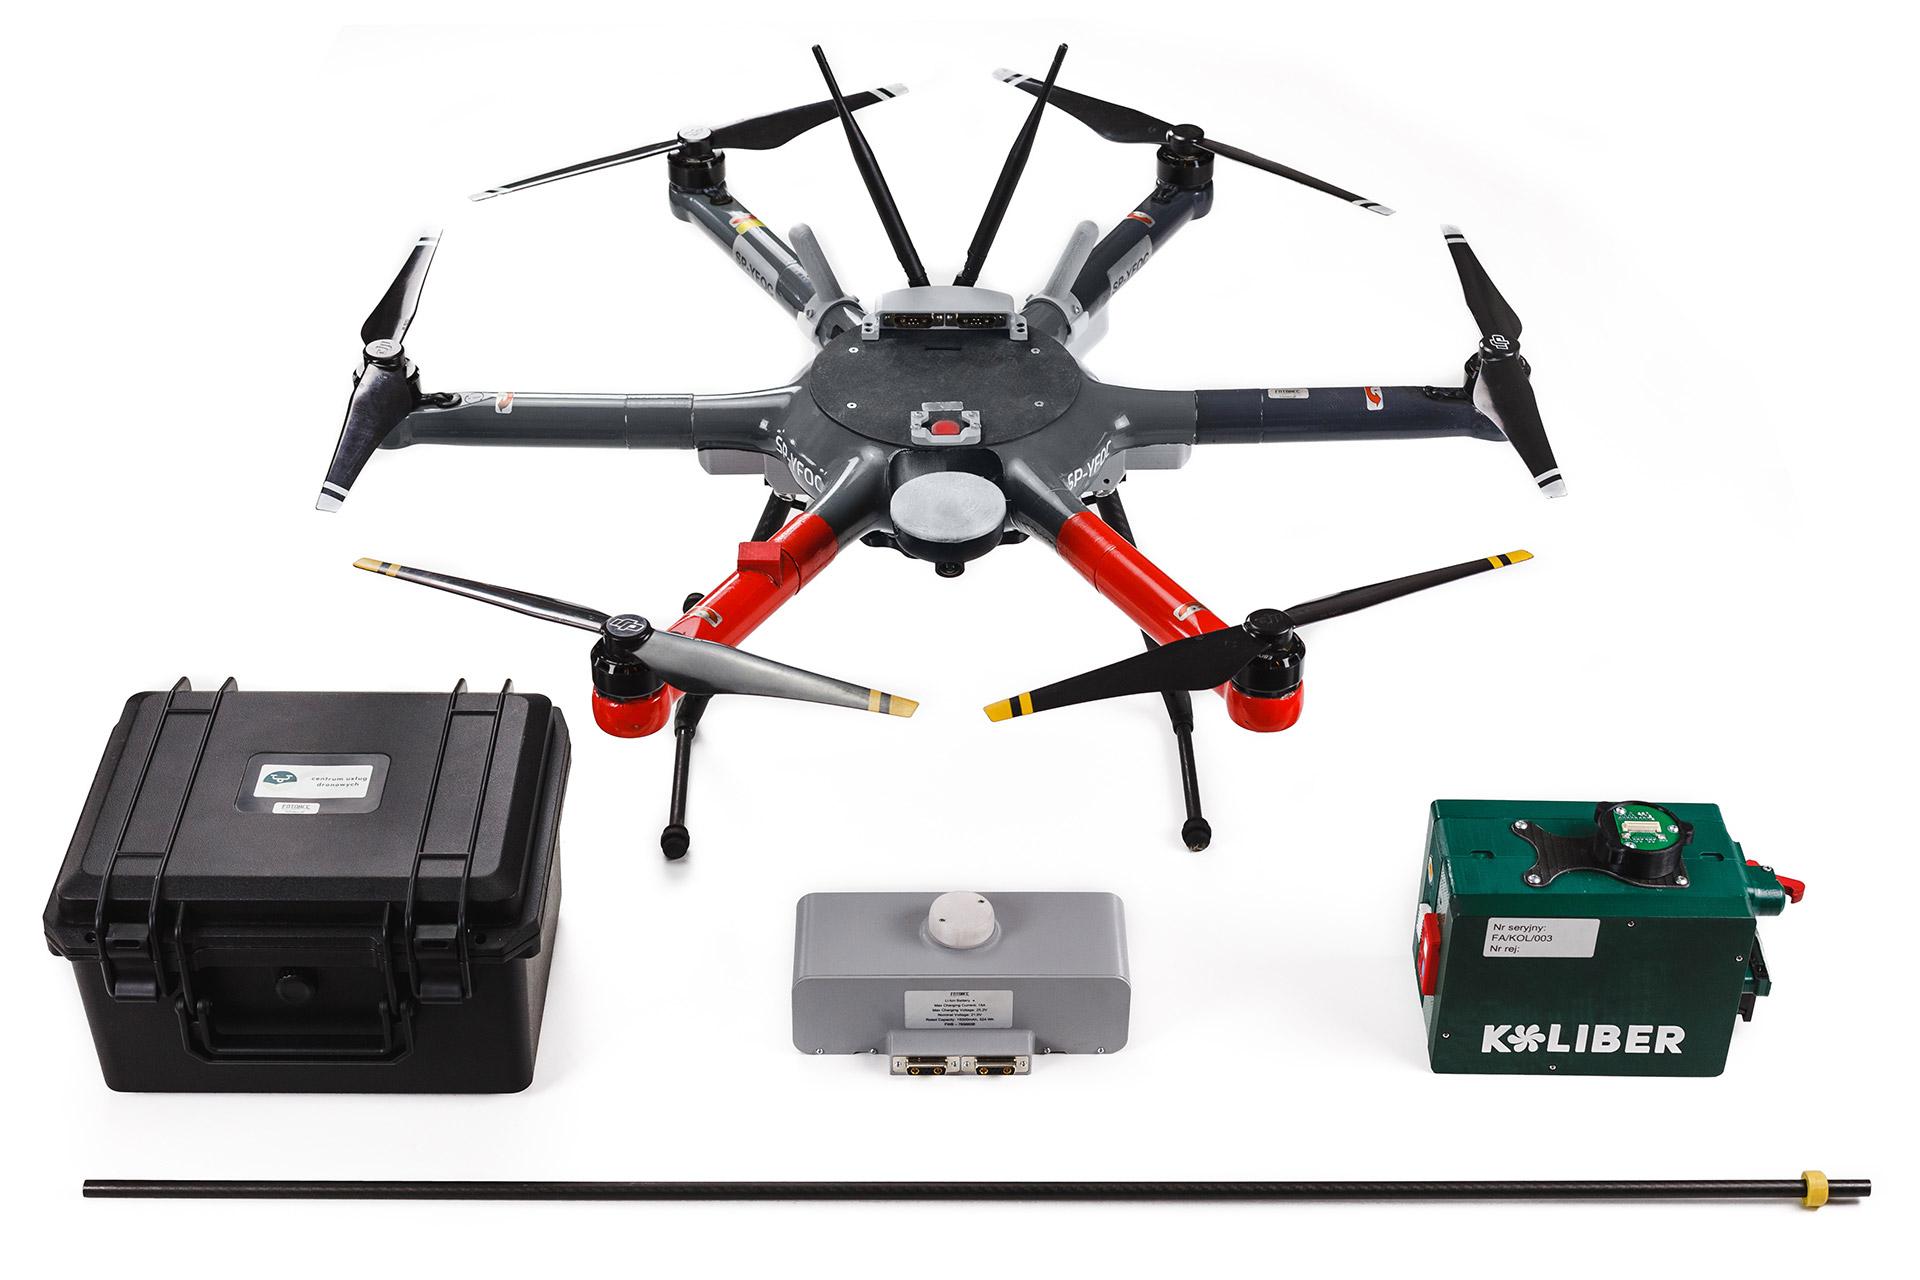 zestaw dronika, heksakopter oraz koliber moduł pomiaru czystości powietrza